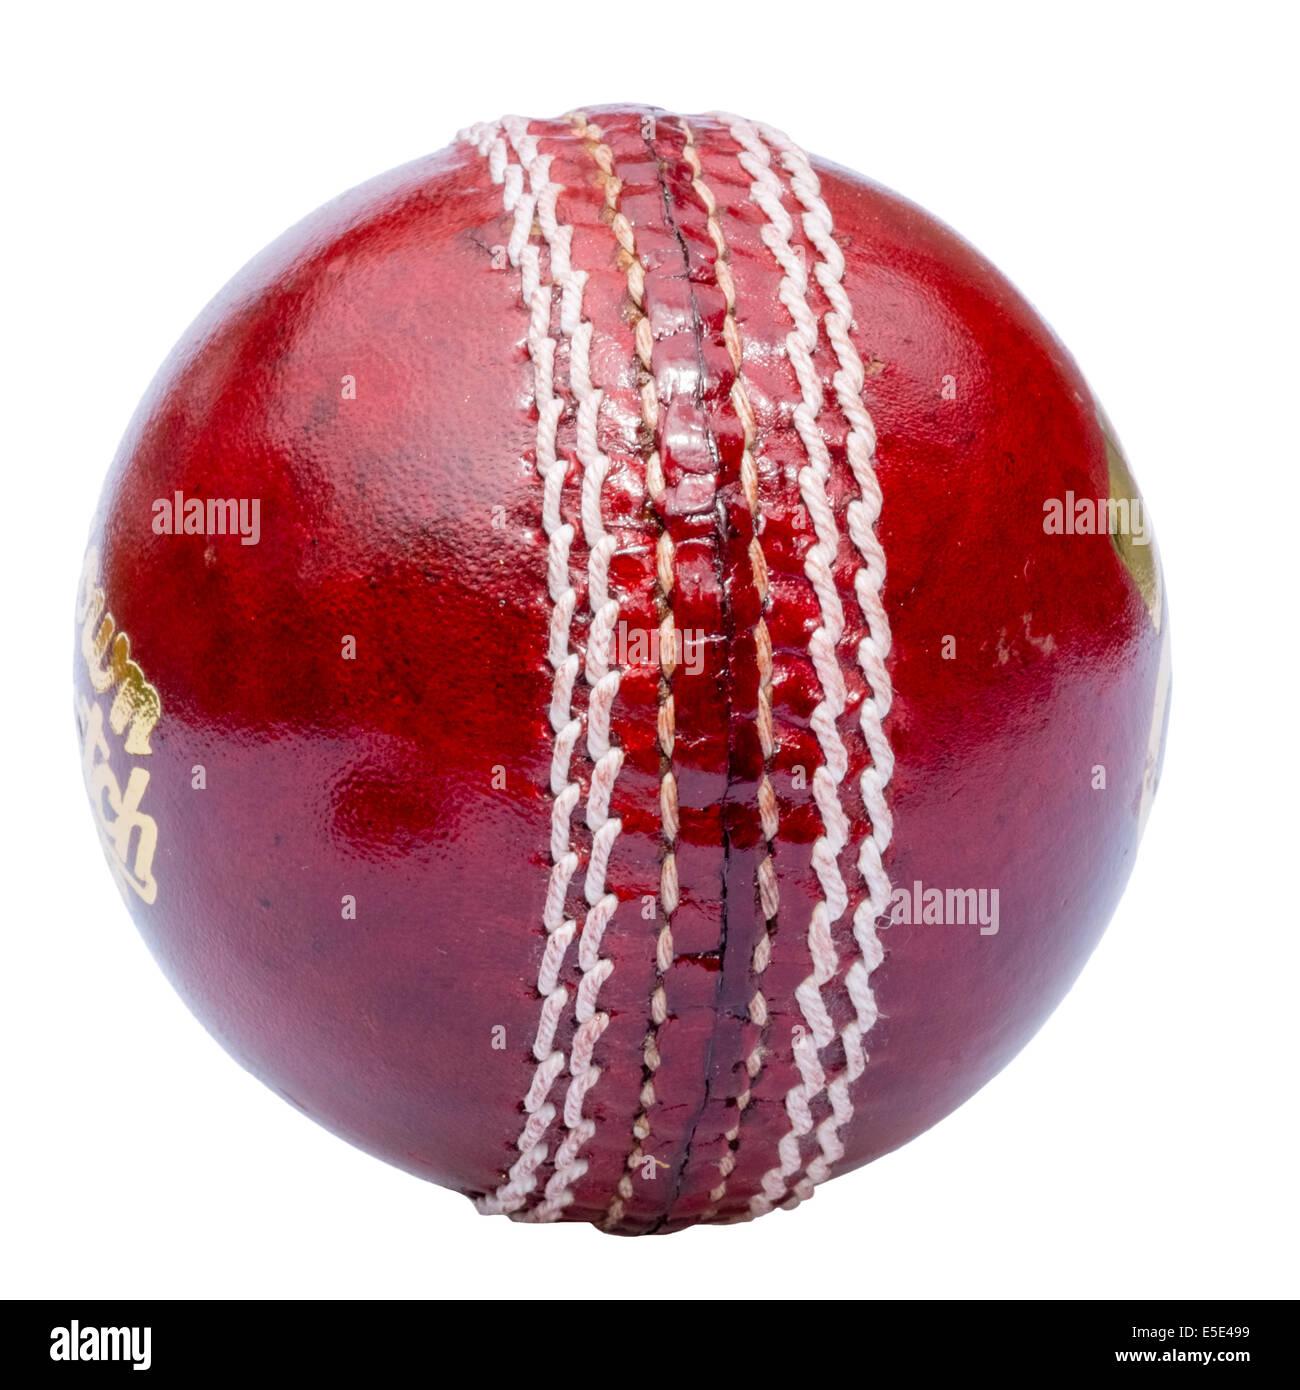 Cricket sfera tagliata o isolata contro uno sfondo bianco. Immagini Stock